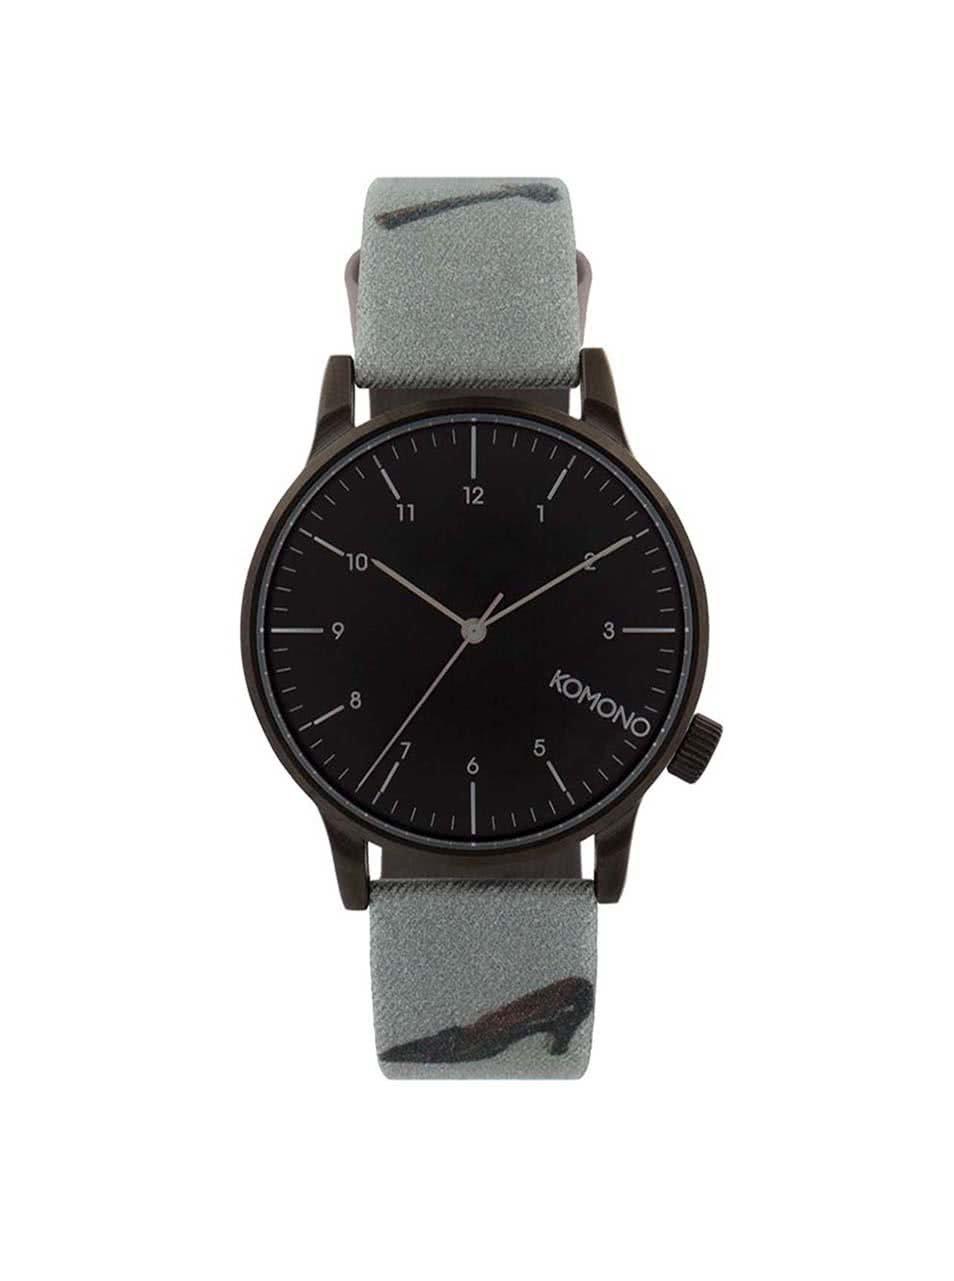 Černé pánské hodinky se vzorovaným textilním páskem Komono Winston